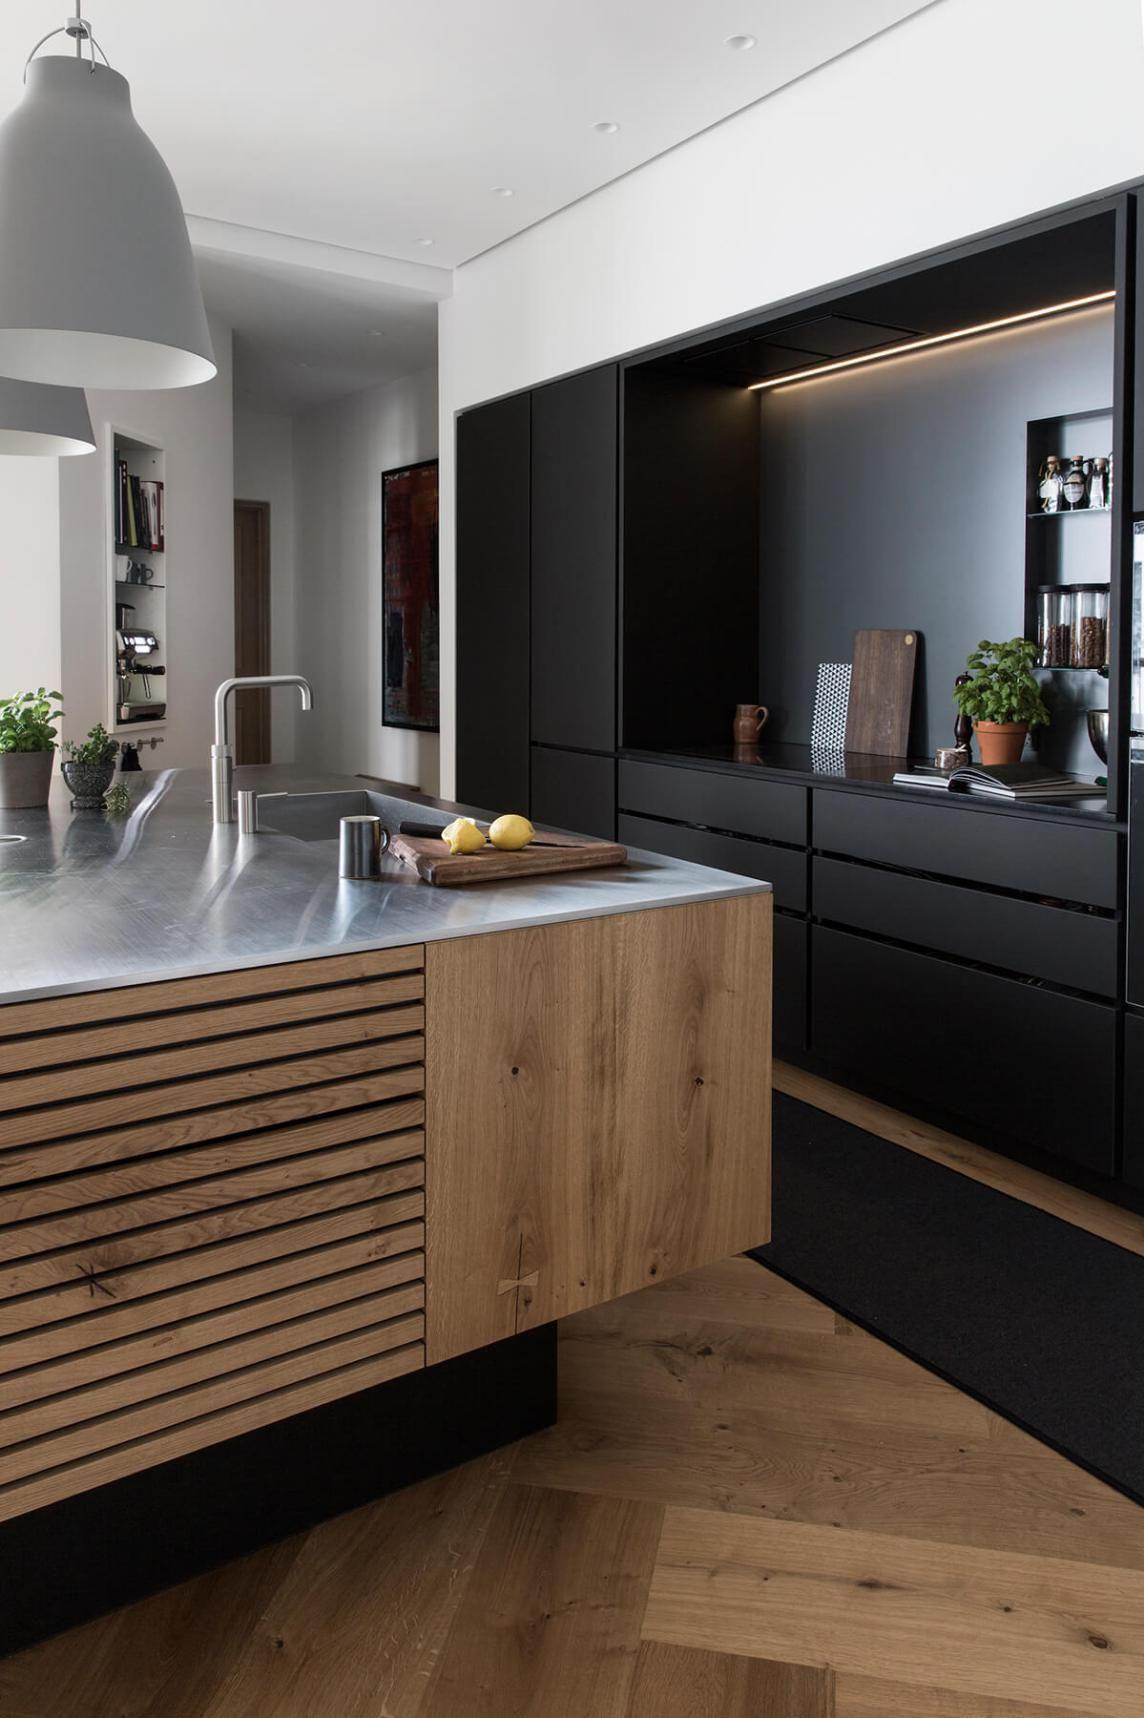 Une Cuisine En Noir Bois Cuisine Moderne Cuisine Noire Et Cuisines Design